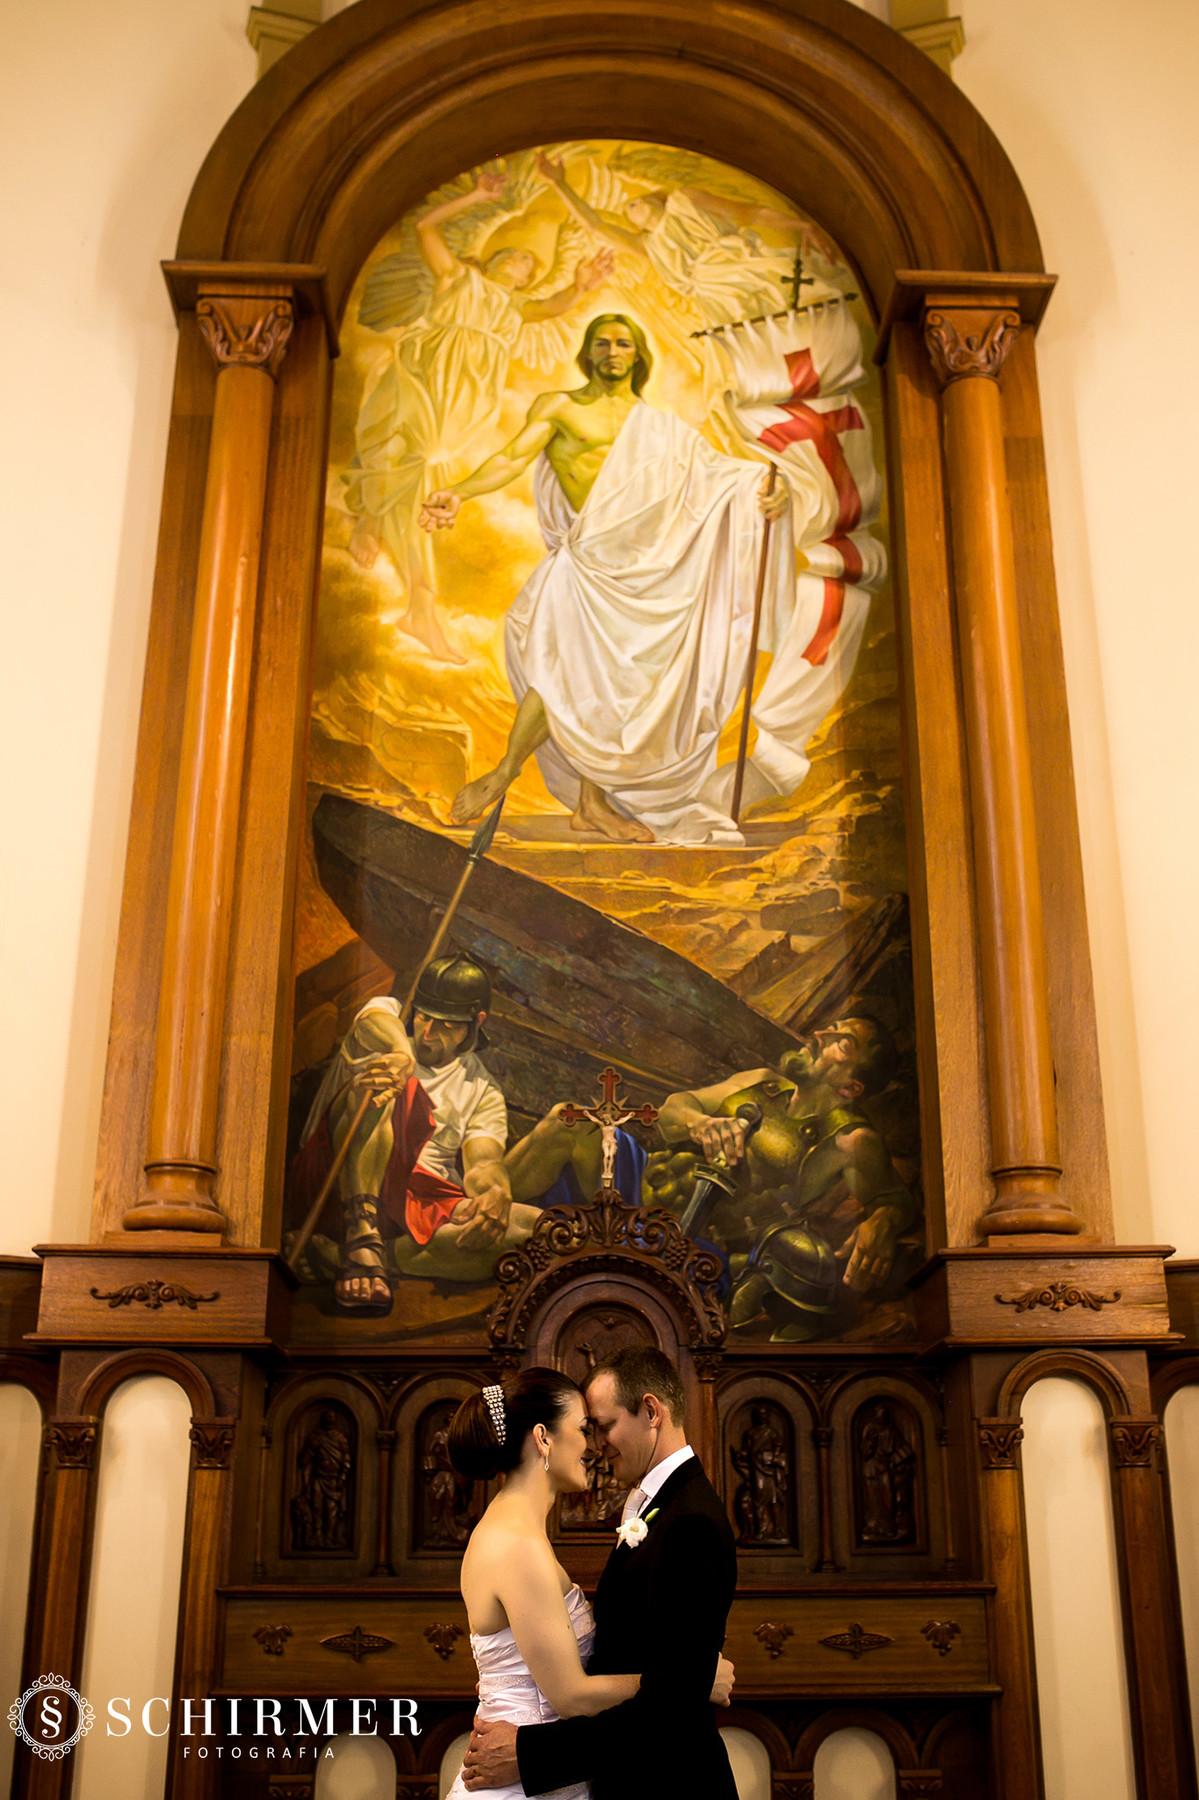 schirmer fotografia casamentos em porto alegre RS igreja paroquia são joão